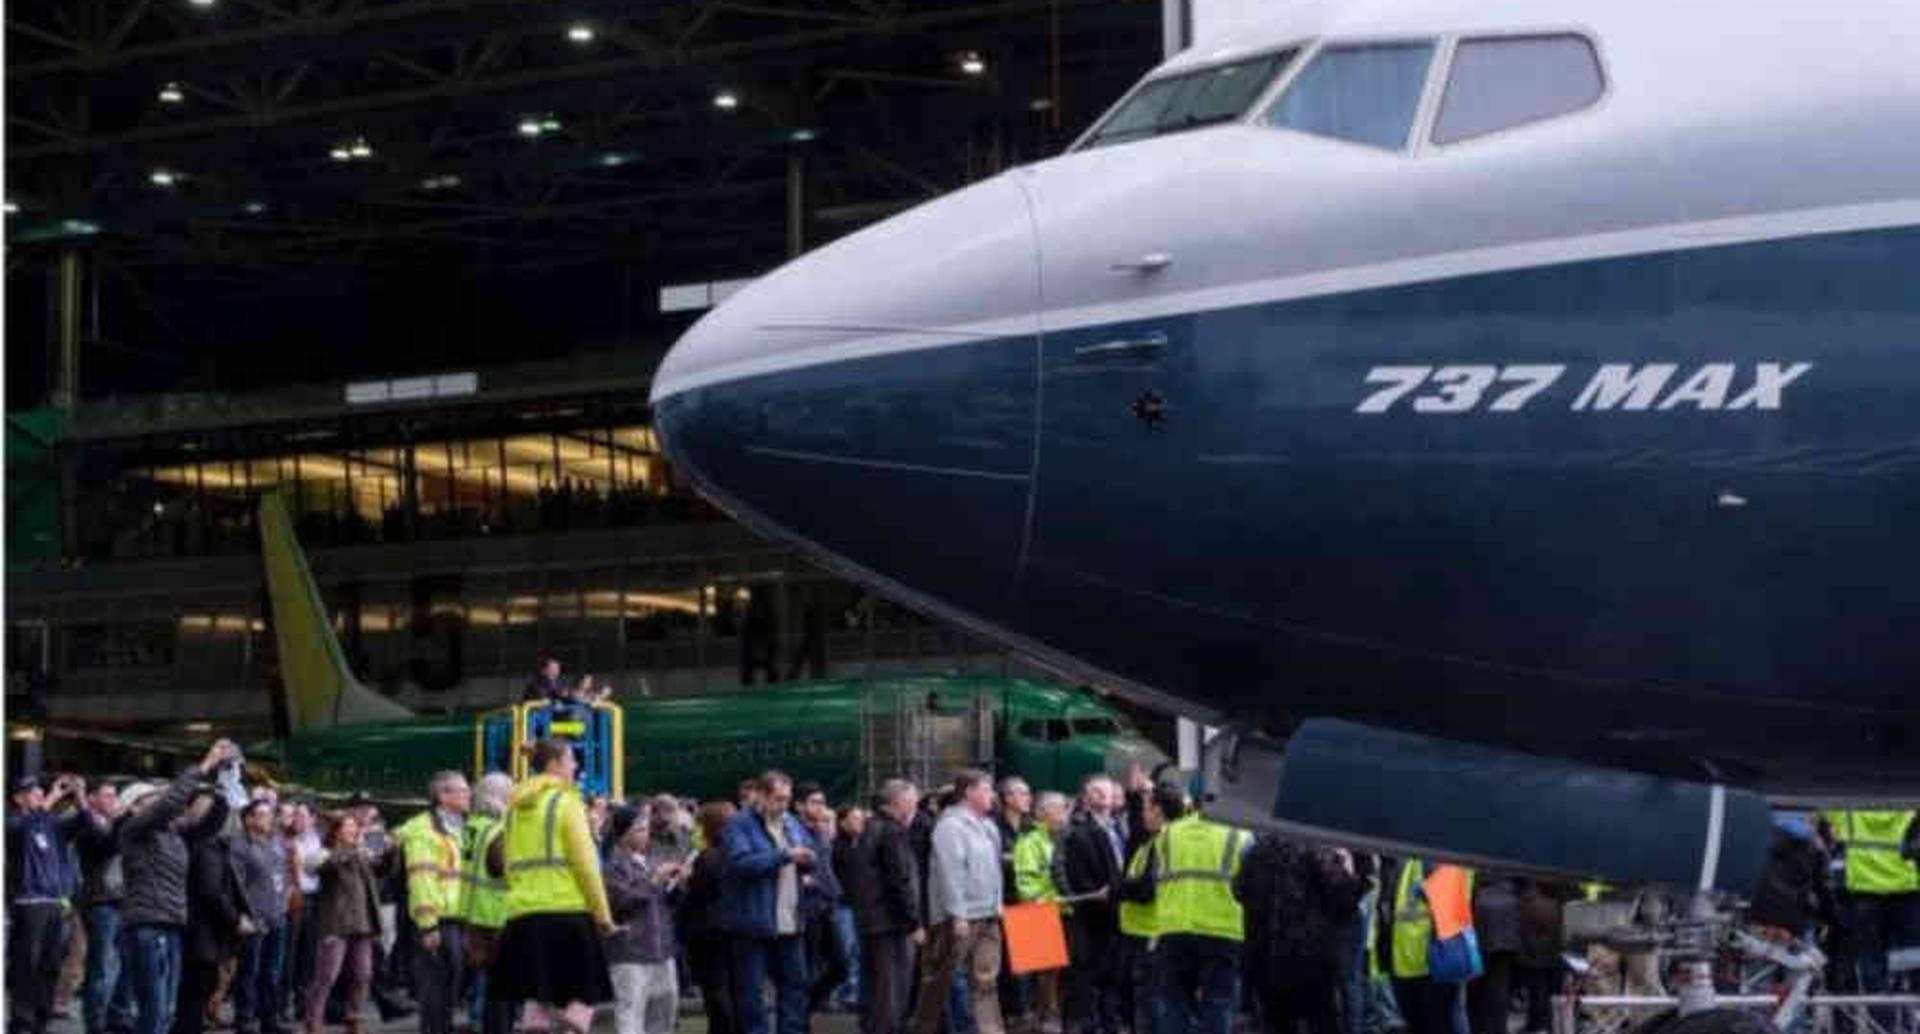 El 737 Max fue el modelo de Boeing para competir con su rival Airbus, que se había adelantado en el mercado de los aviones de mediano alcance. Foto: Boweing Stephen Brashear/BBC